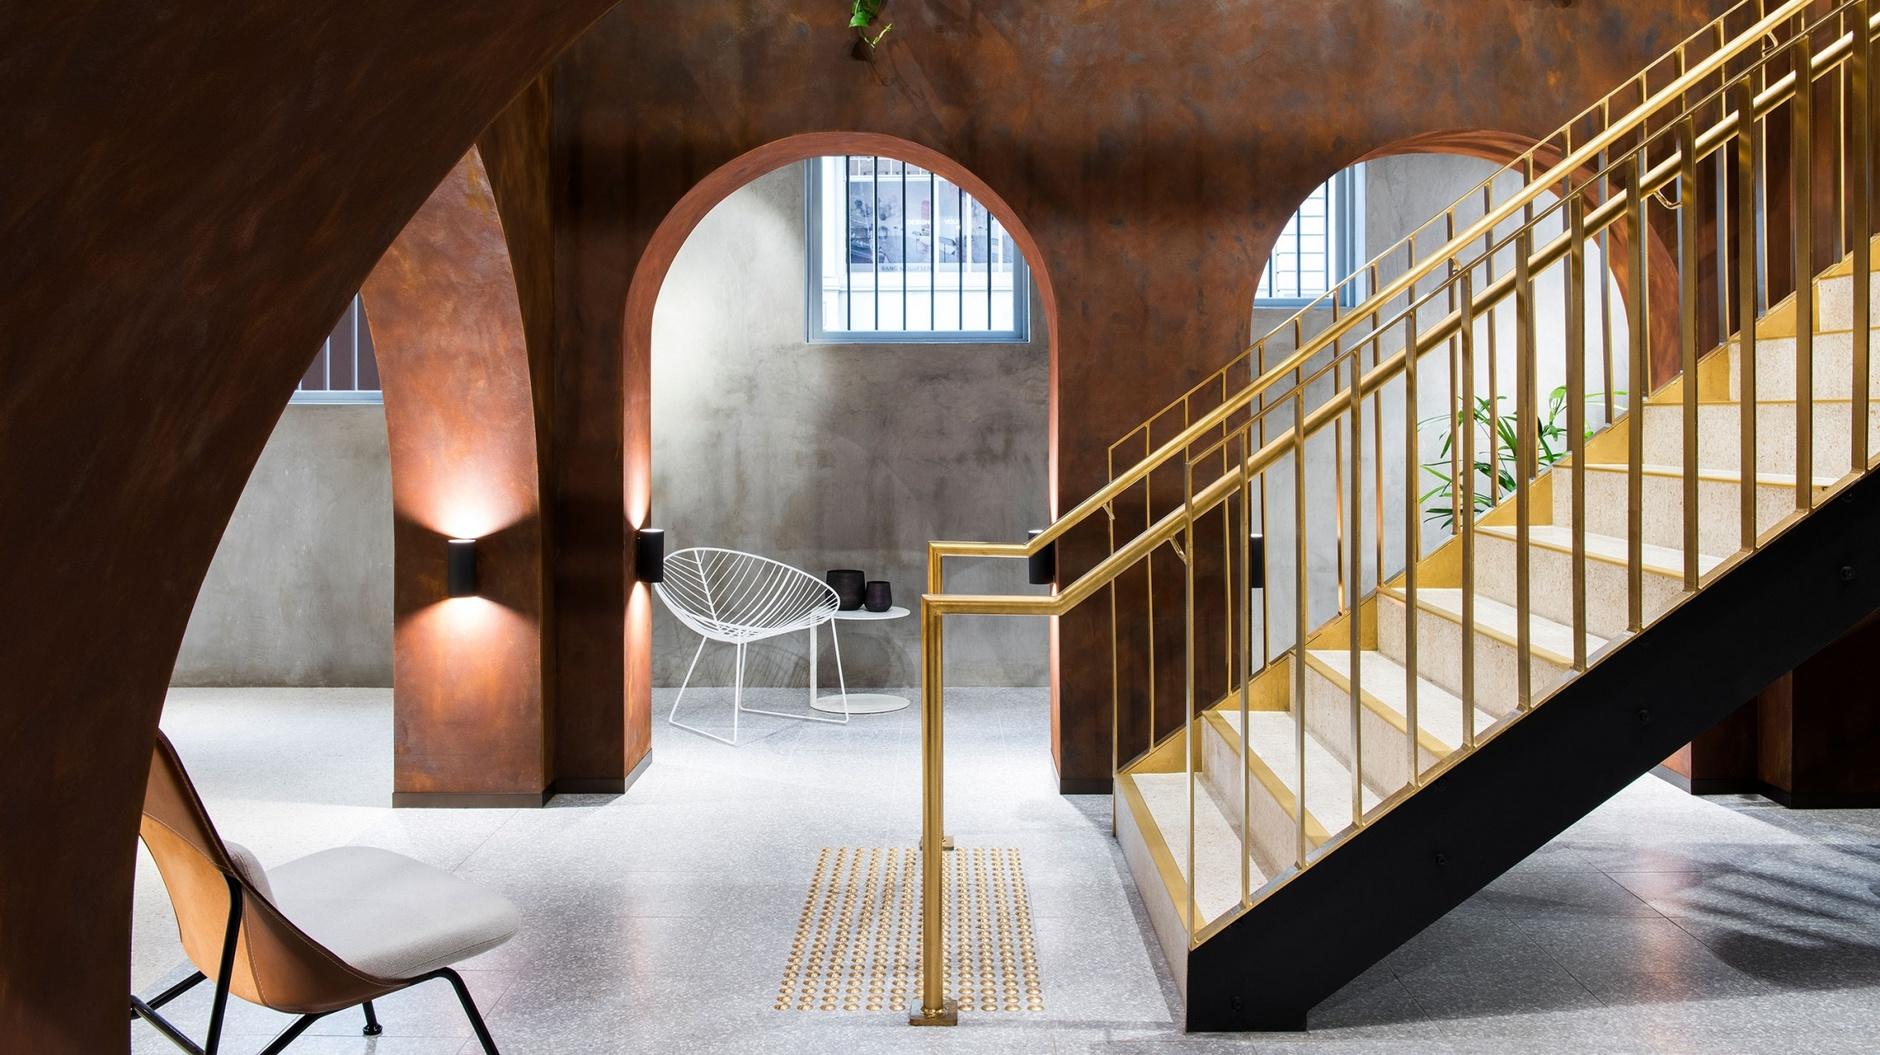 Индустриальный шик: мебельный бутик в Мельбурне (галерея 3, фото 2)